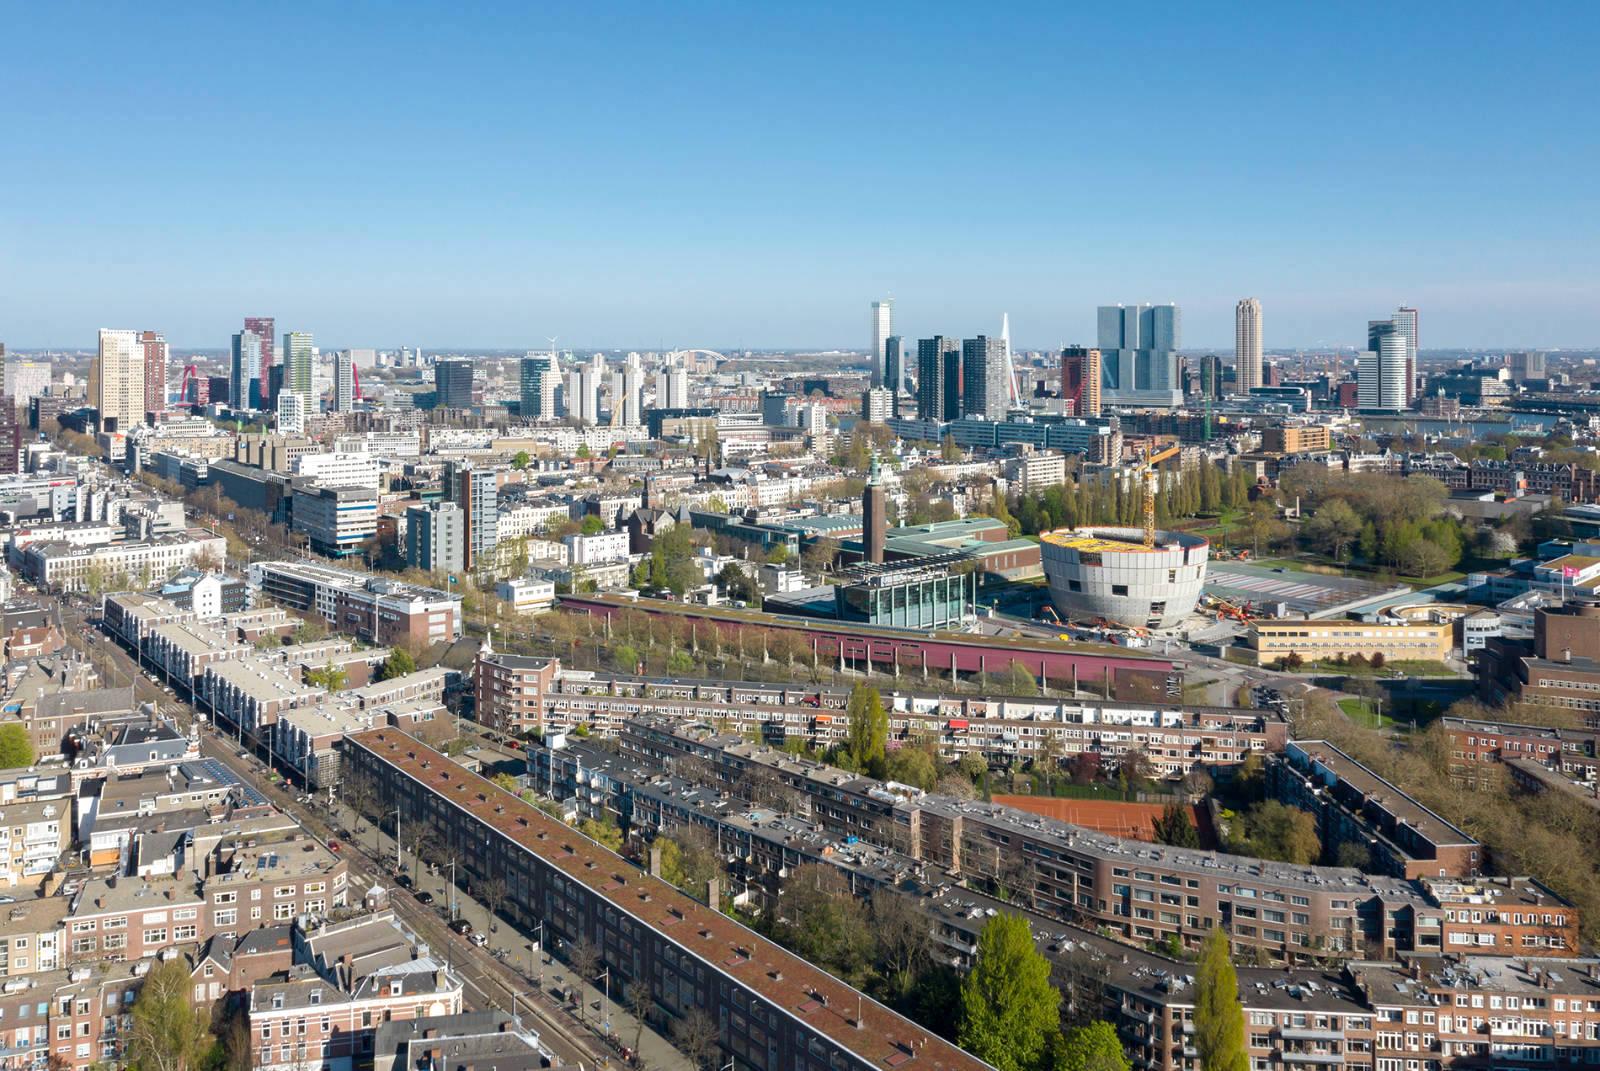 Das Depot Boijmans Van Beuningen. ist gelandet: mitten im Rotterdamer Museumspark in unmittelbarer Nähe zum Mutterhaus, dem Museum Boijmans Van Beuningen.